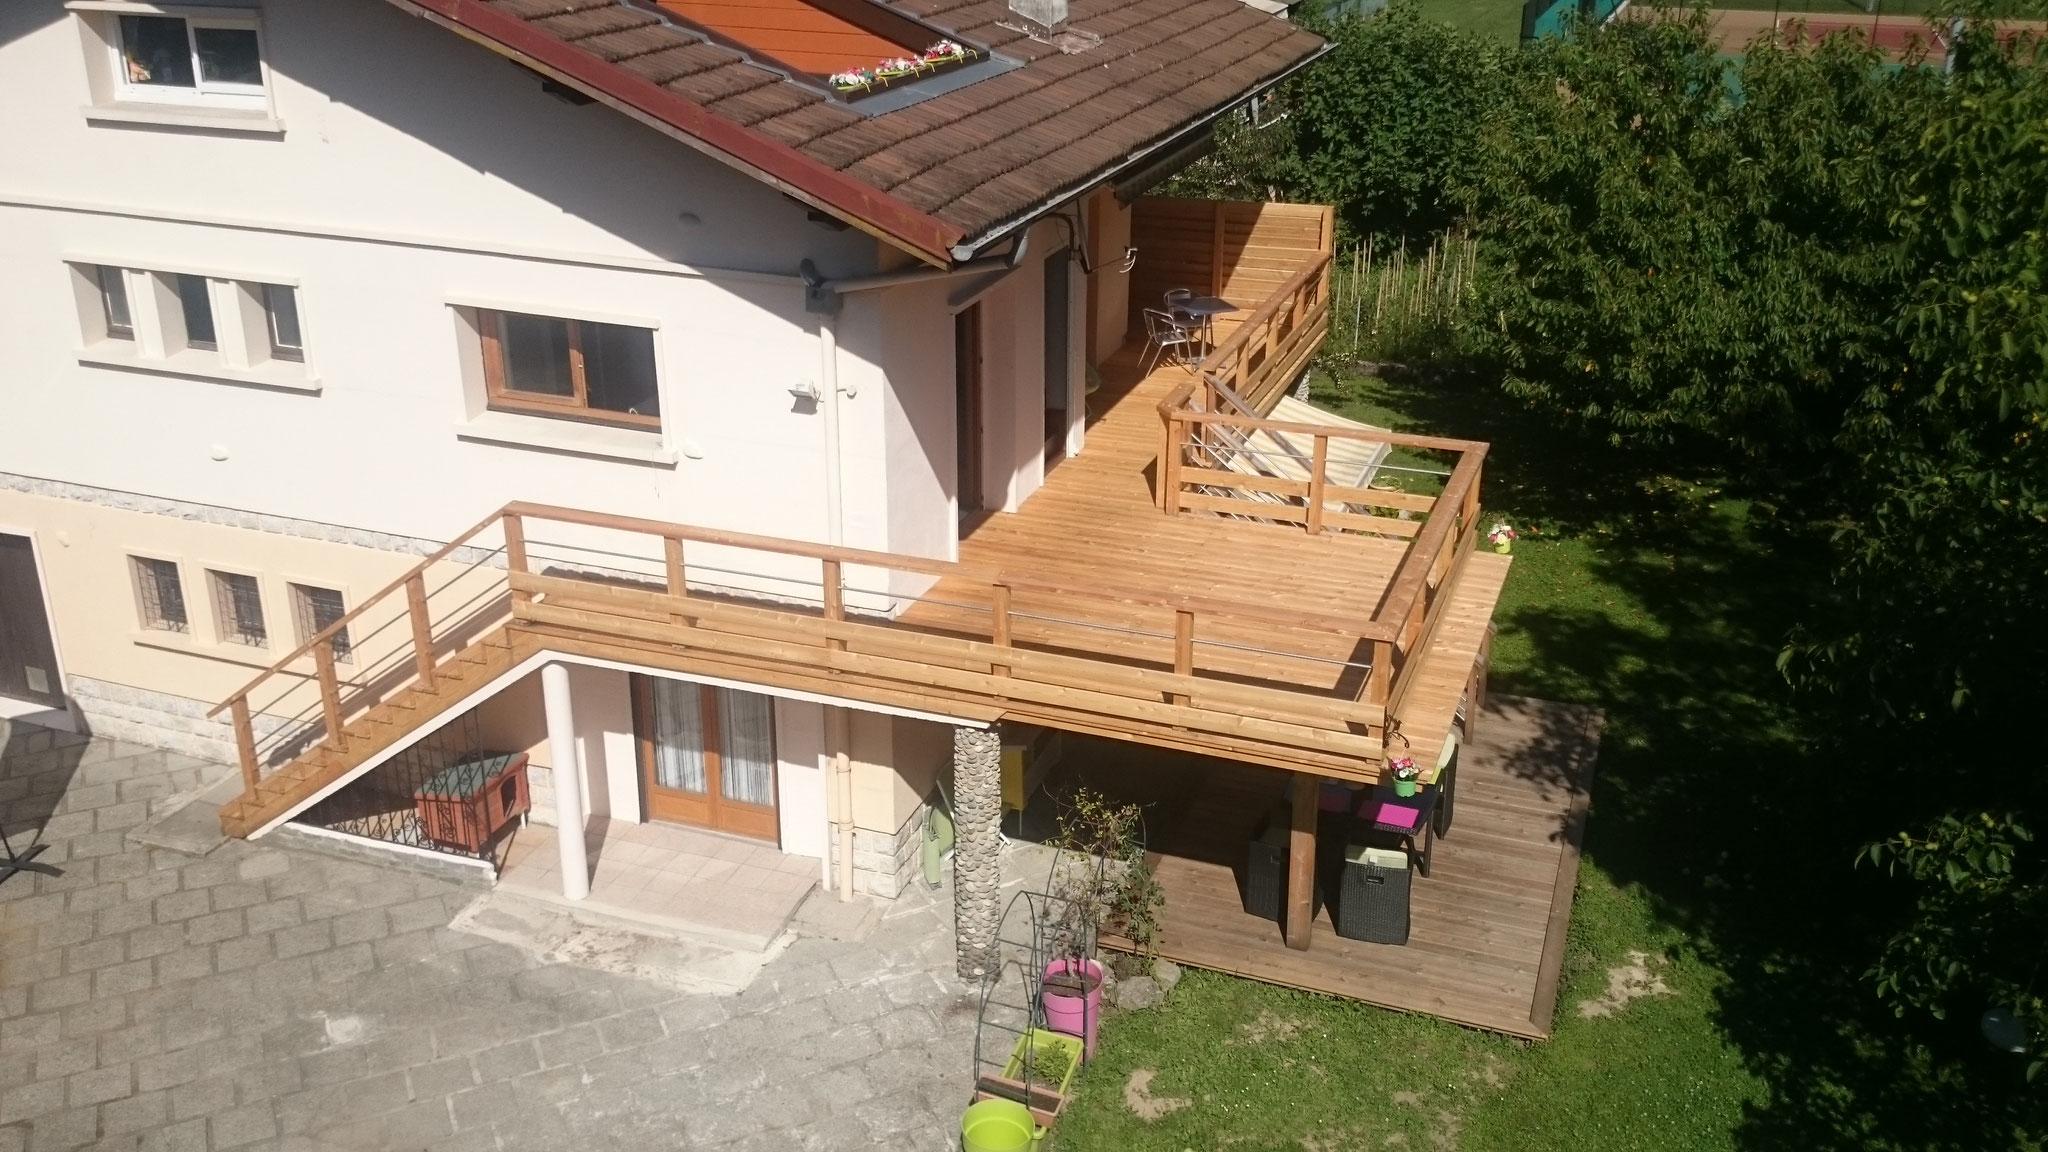 Extension balcon en terrasse oa28 montrealeast - Habillage balcon ...